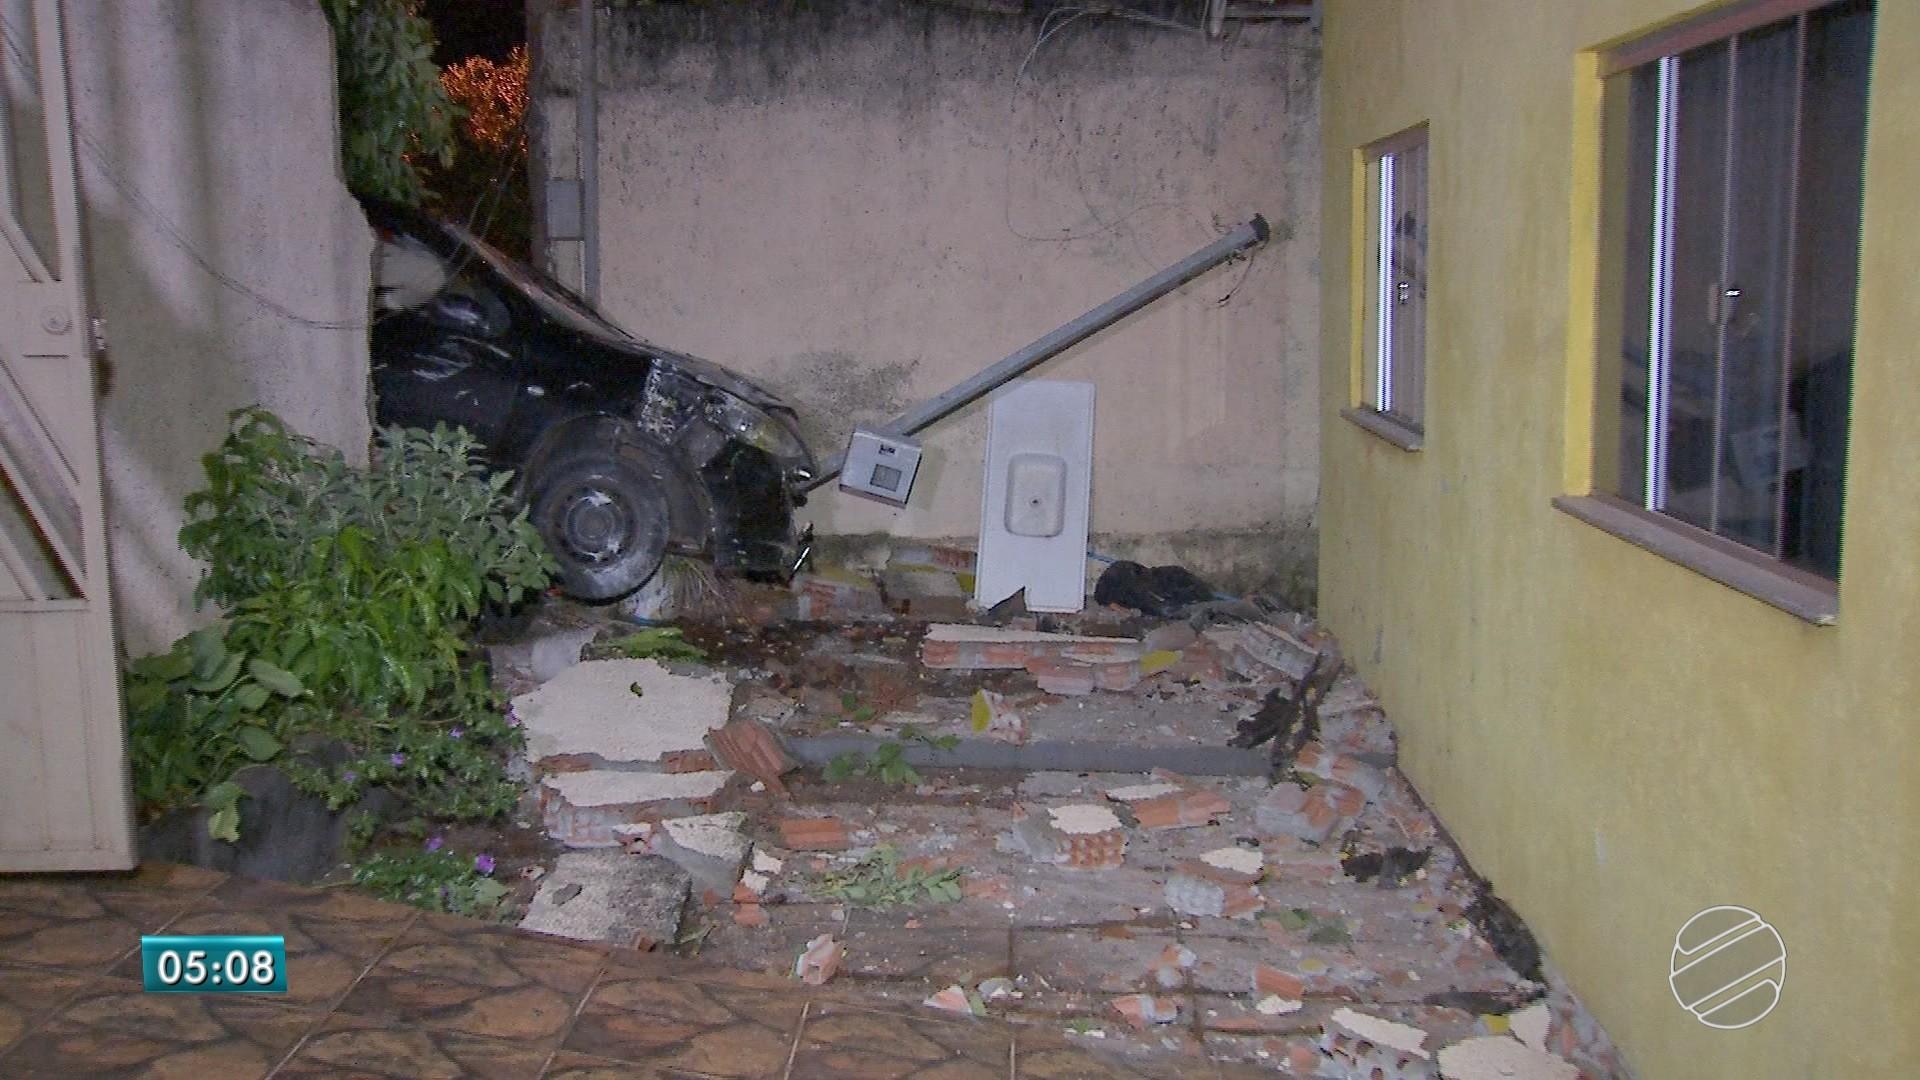 Moradora acorda com barulho de madrugada e encontra carro invadindo quintal em Campo Grande